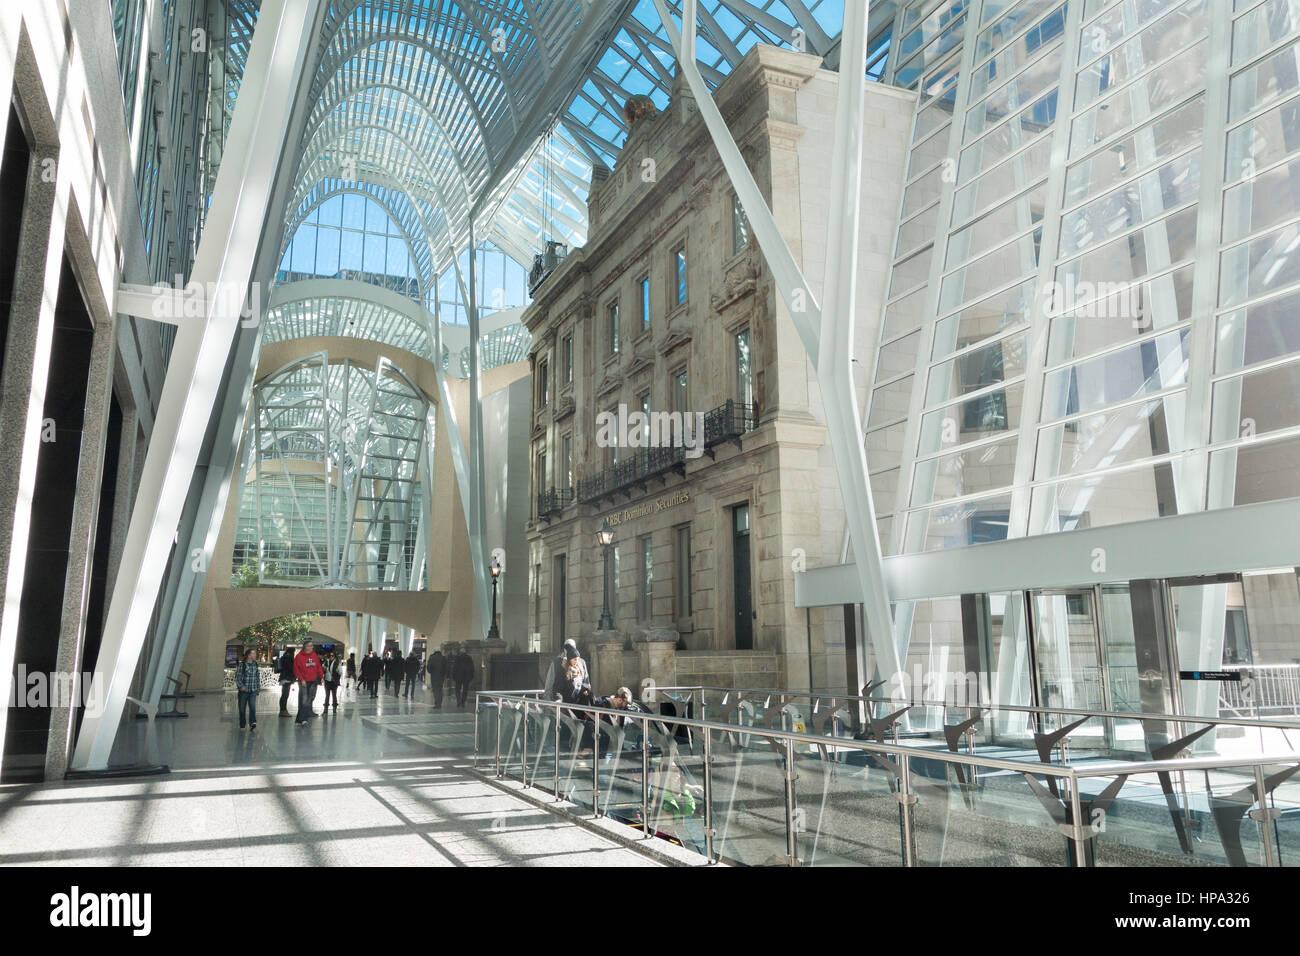 rbc-securities-building-inside-the-allen